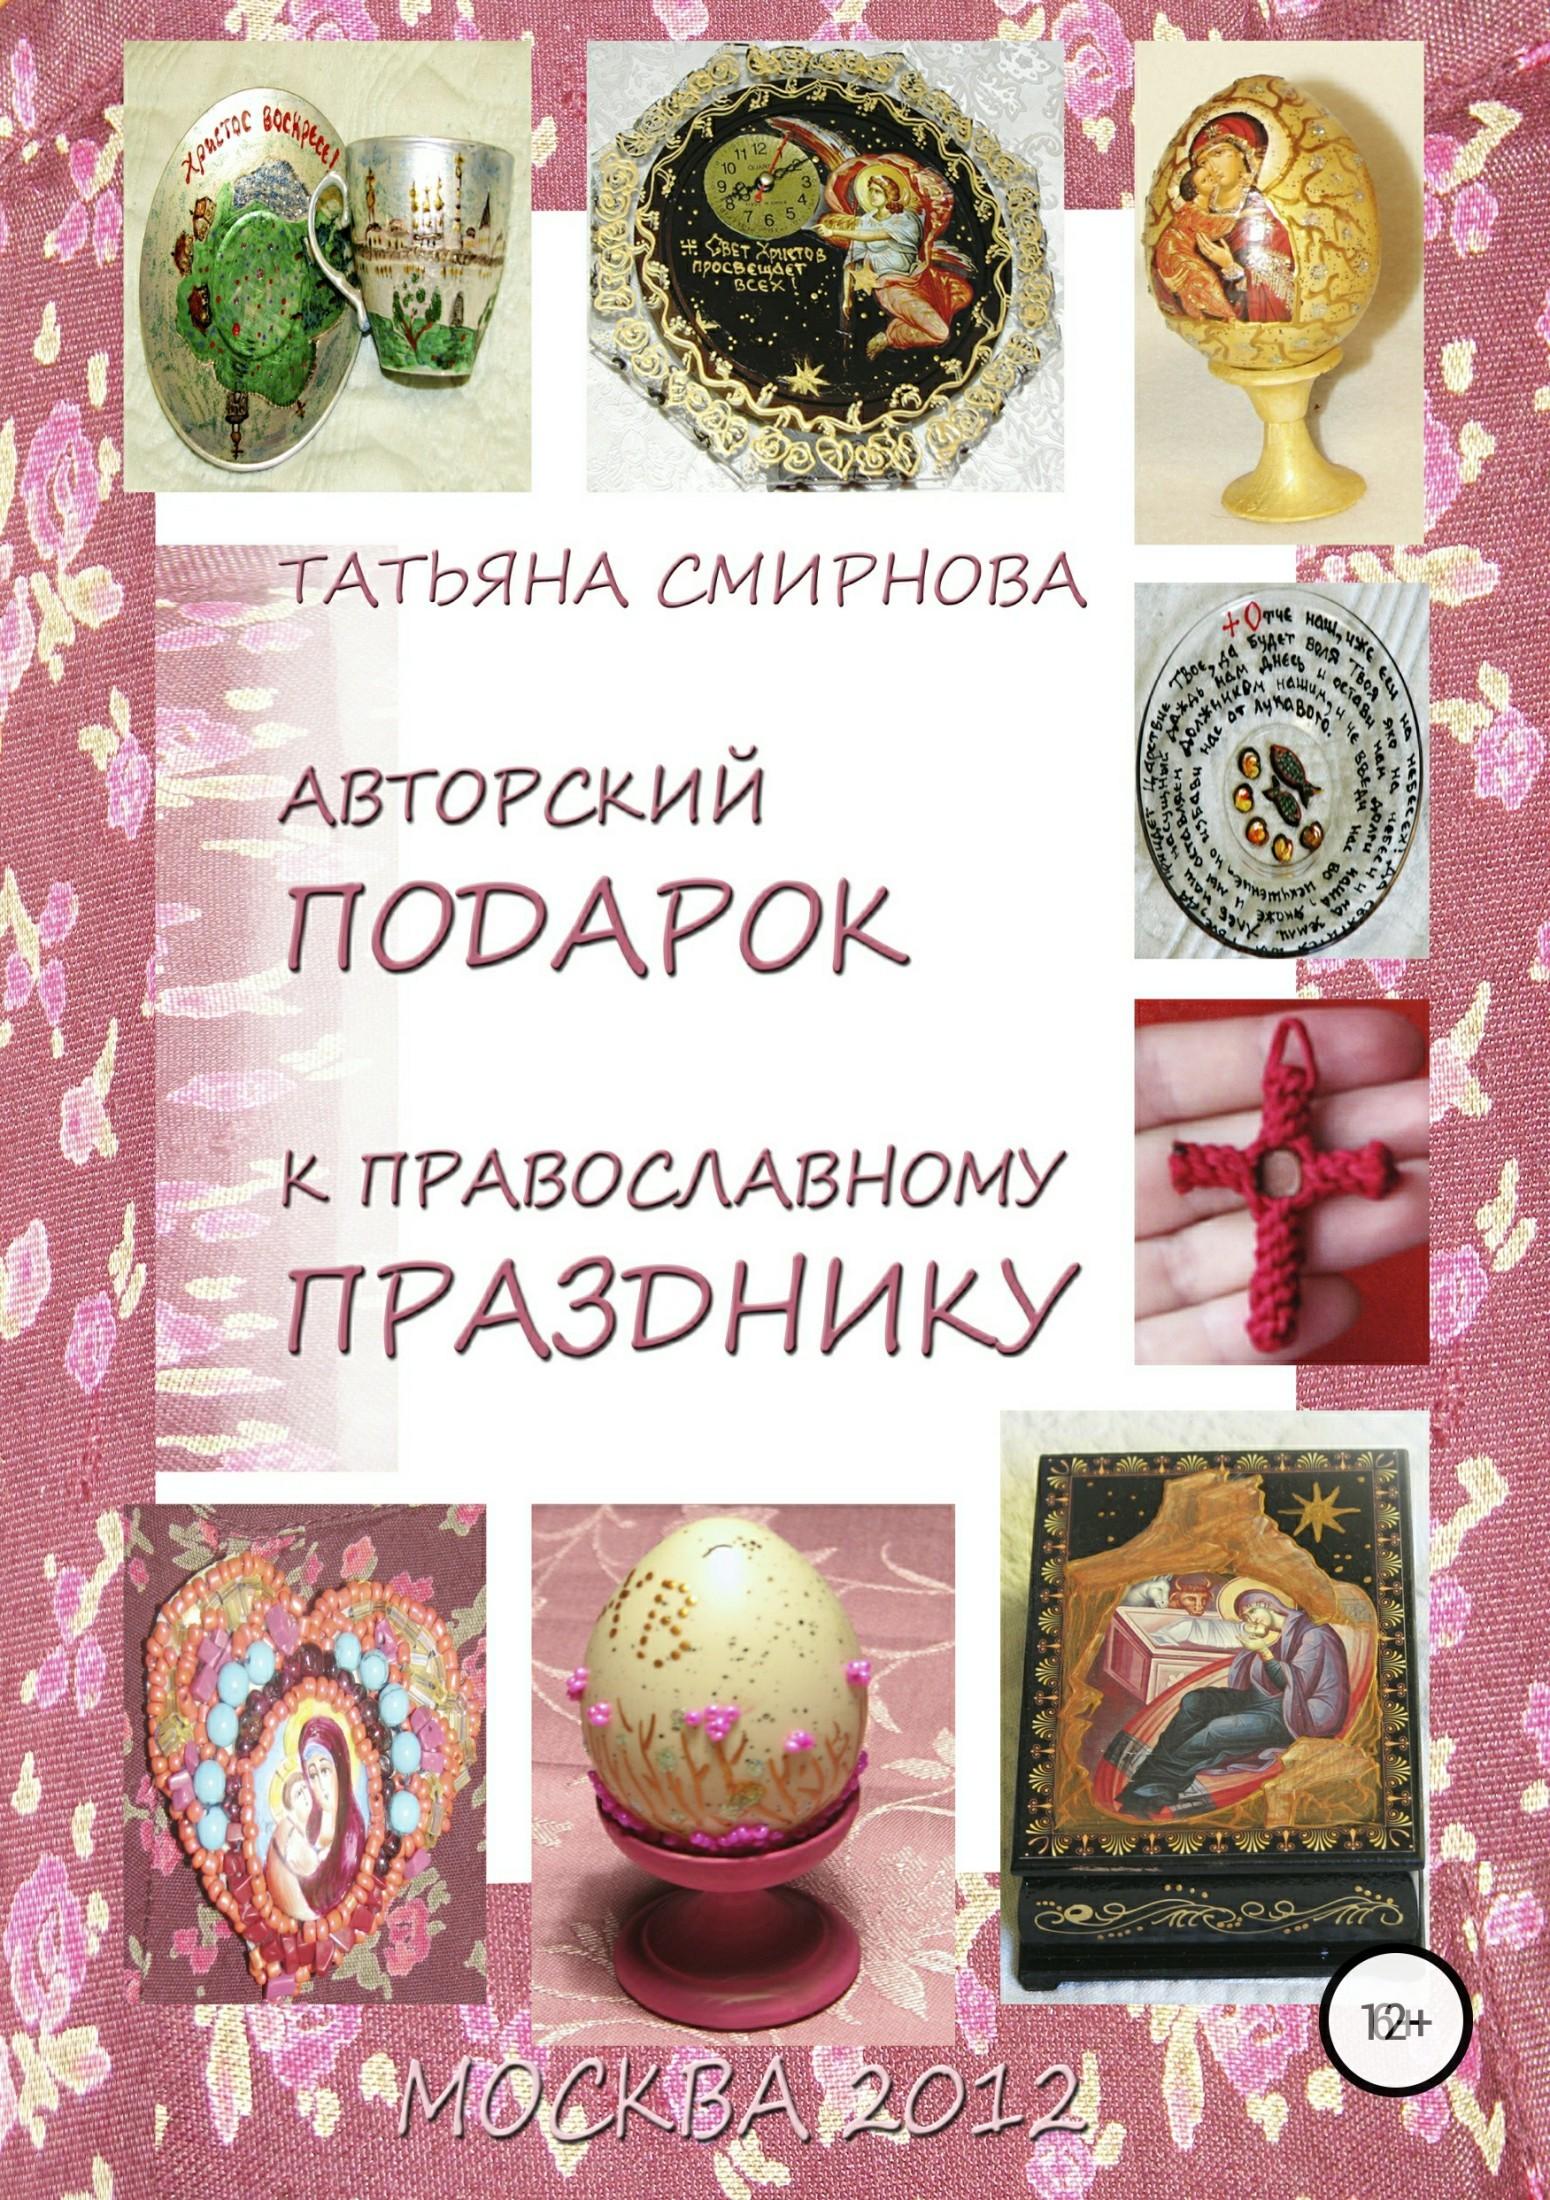 Татьяна Андреевна Смирнова Авторский подарок к православному празднику